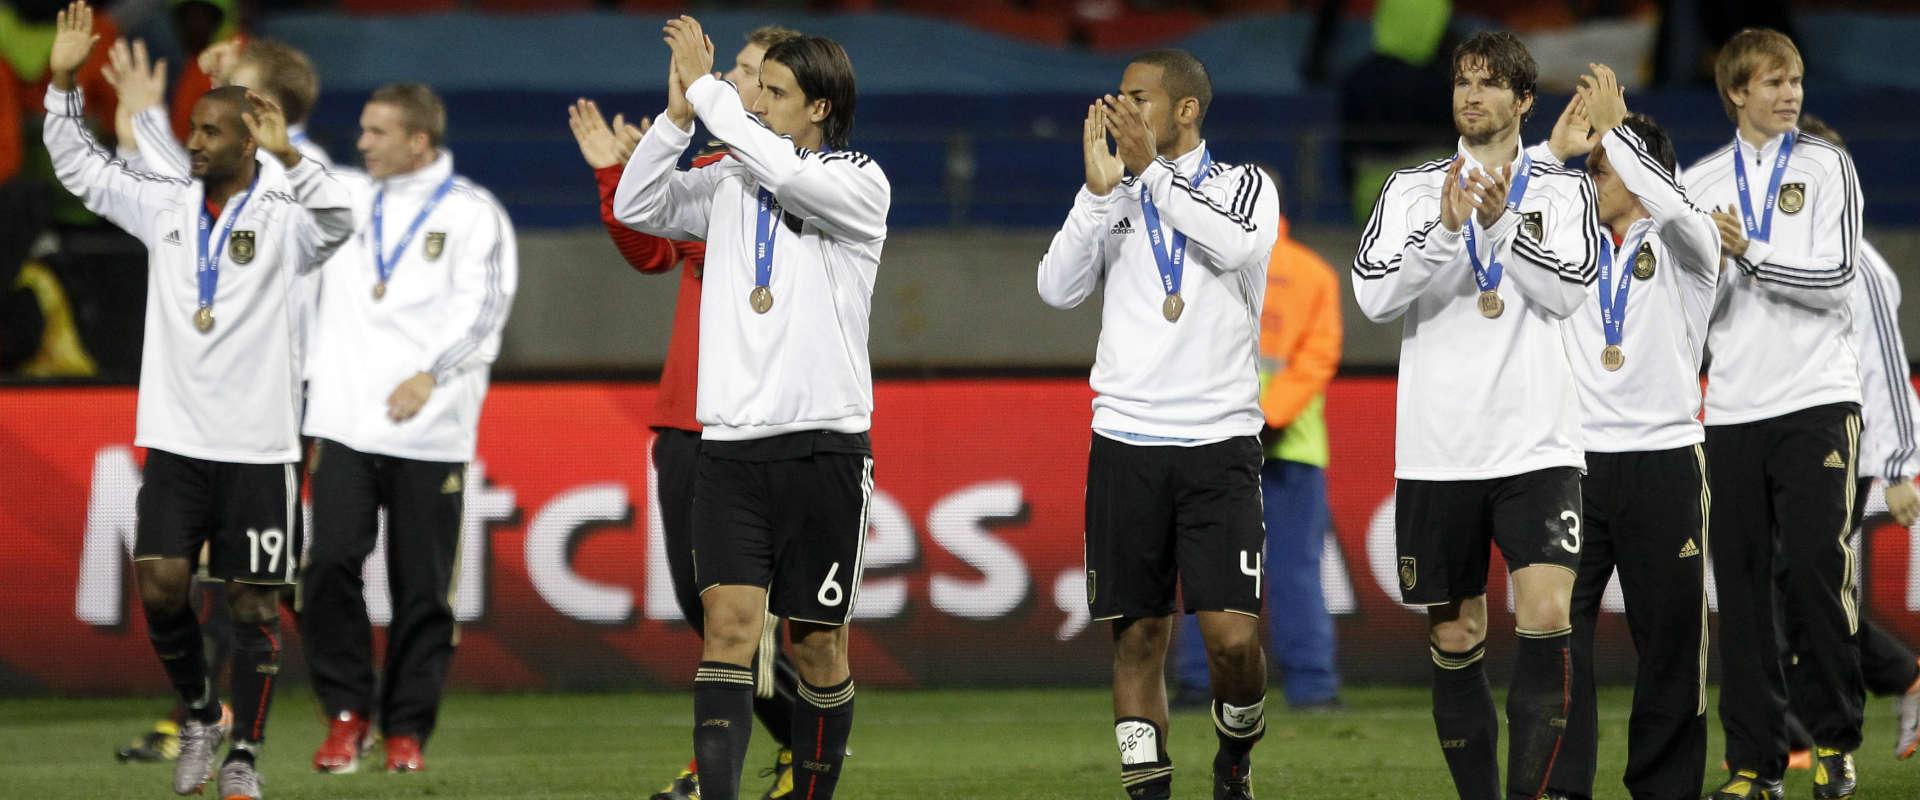 גרמניה מסיימת במקום השלישי במונדיאל 2010